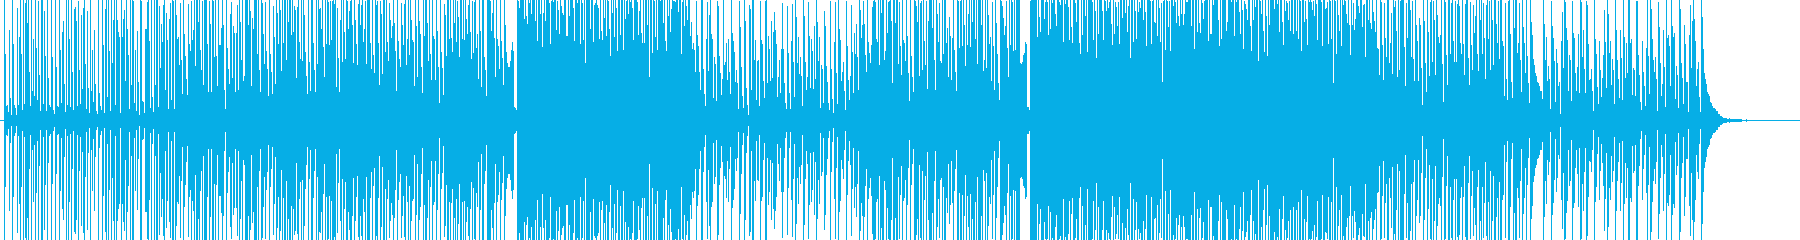 アクティブ-動画-エレクトロダンスハウスの再生済みの波形